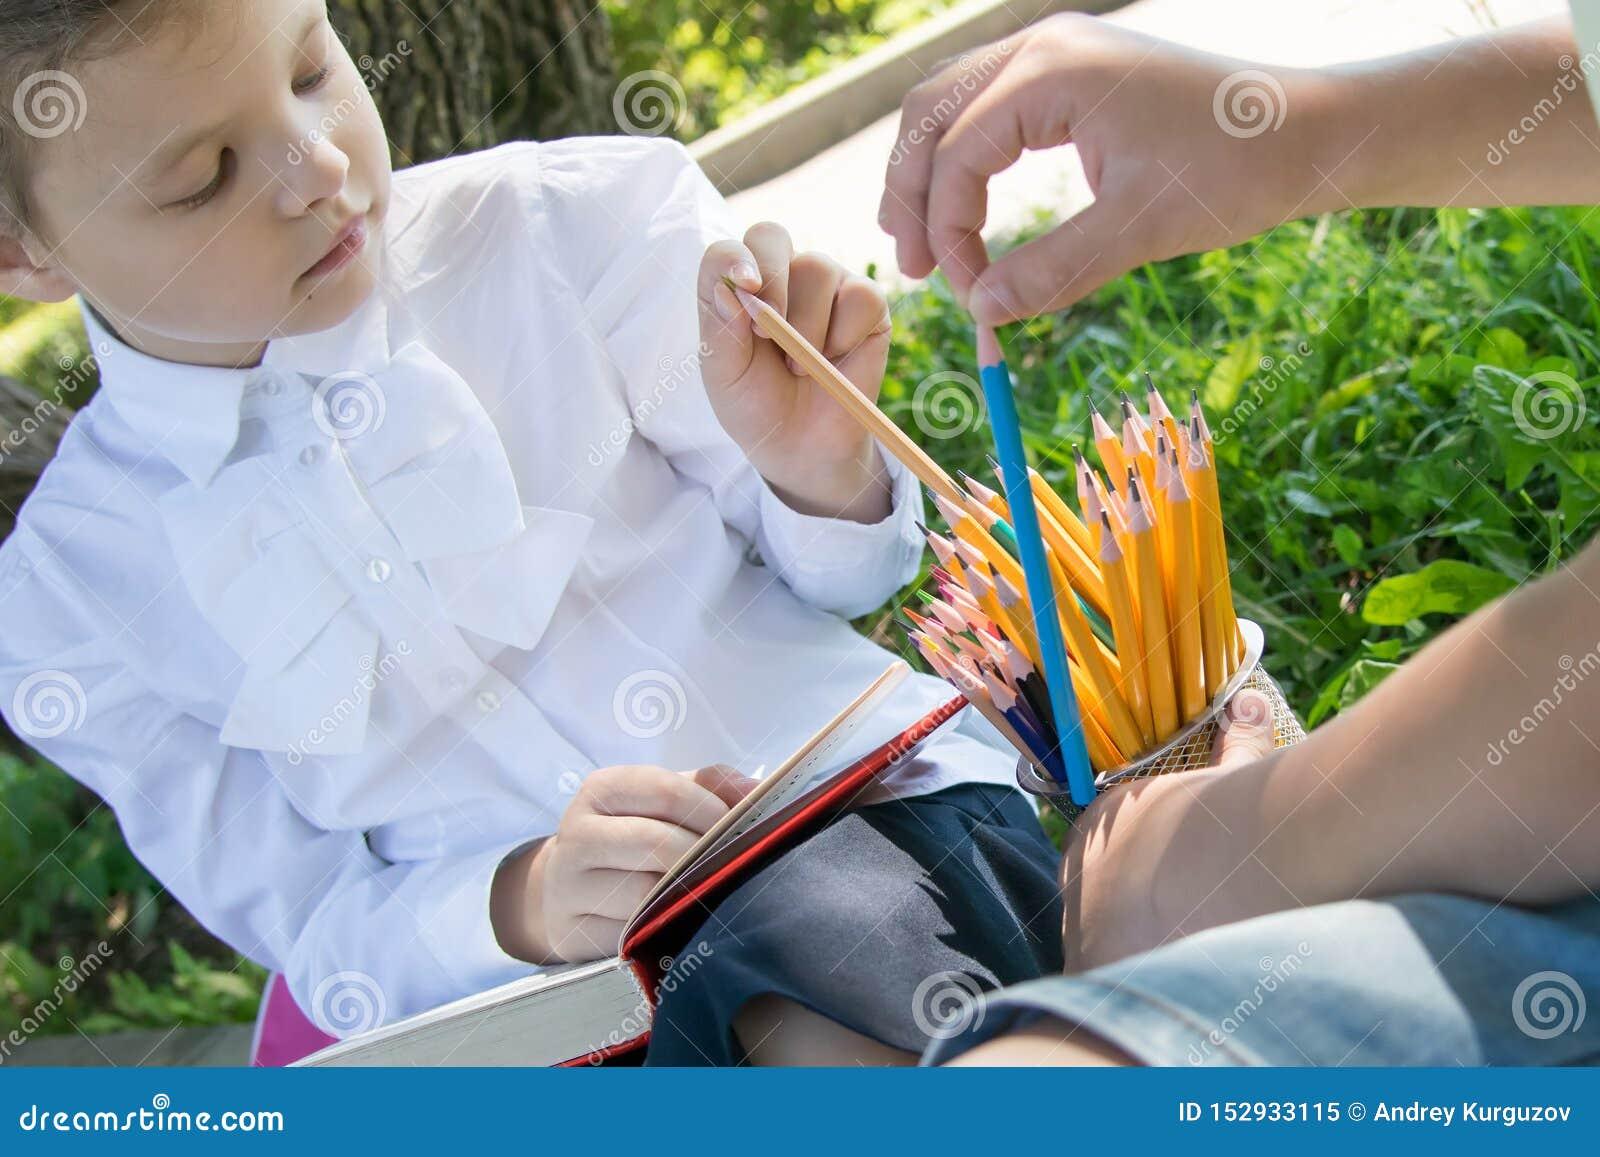 Η κινηματογράφηση σε πρώτο πλάνο, στο πάρκο, στο καθαρό αέρα, από έναν μεγάλο αριθμό μολυβιών, οι σπουδαστές επιλέγει ακονισμένο